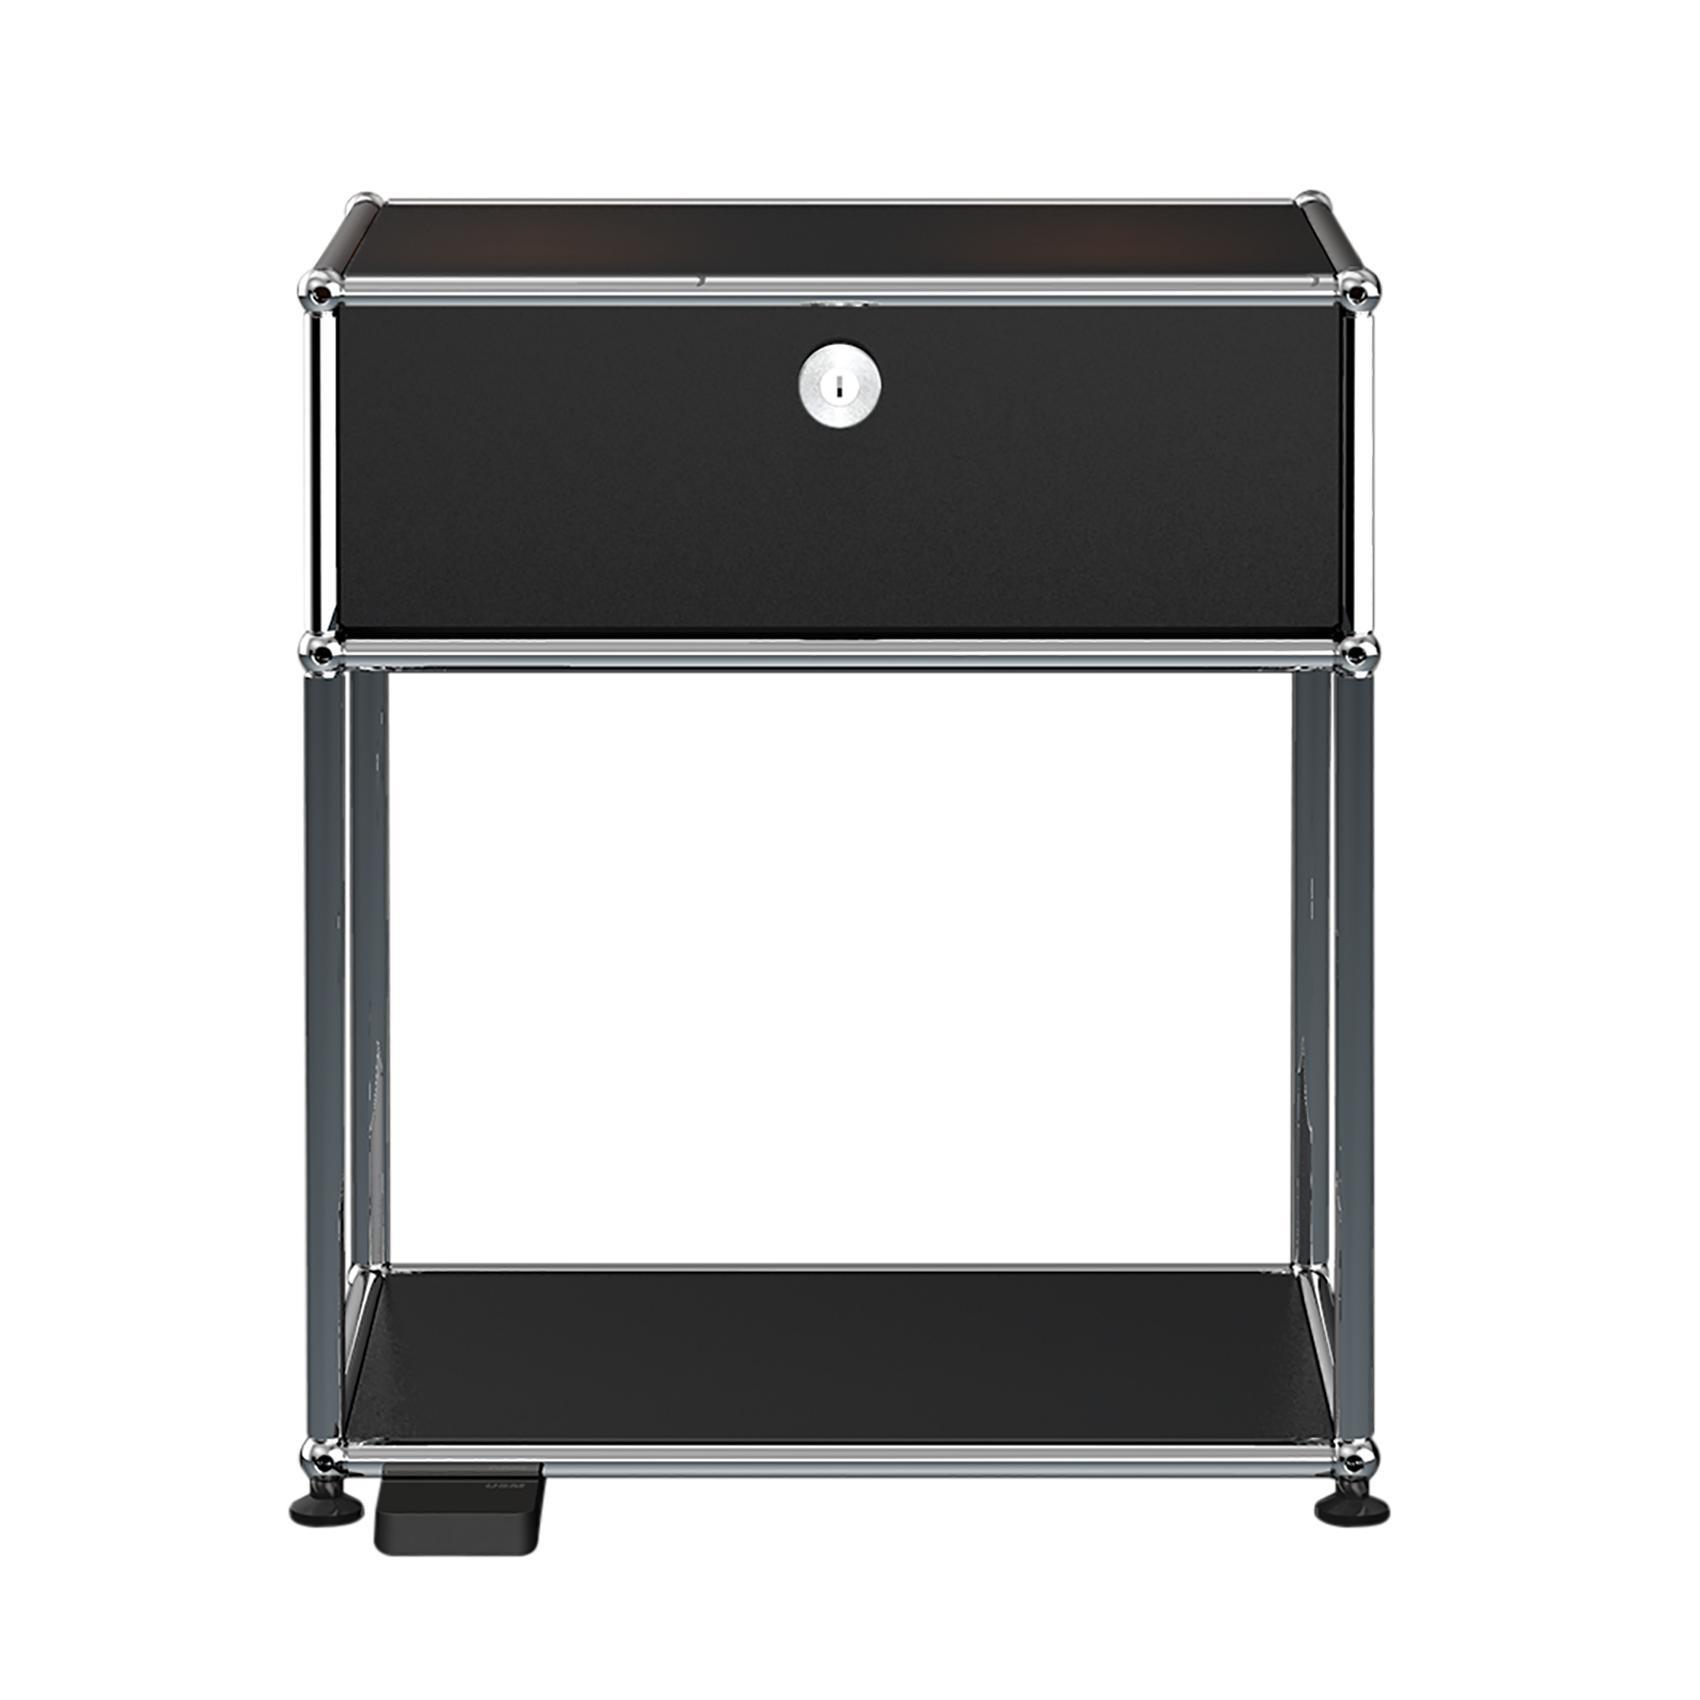 USM E Nachttisch mit dimmbarem Licht - graphitschwarz RAL 9011/mit einer Klapptür/mit dimmbarem Licht | Schlafzimmer > Nachttische | Graphitschwarz ral 9011 | Stahl verchromt | USM